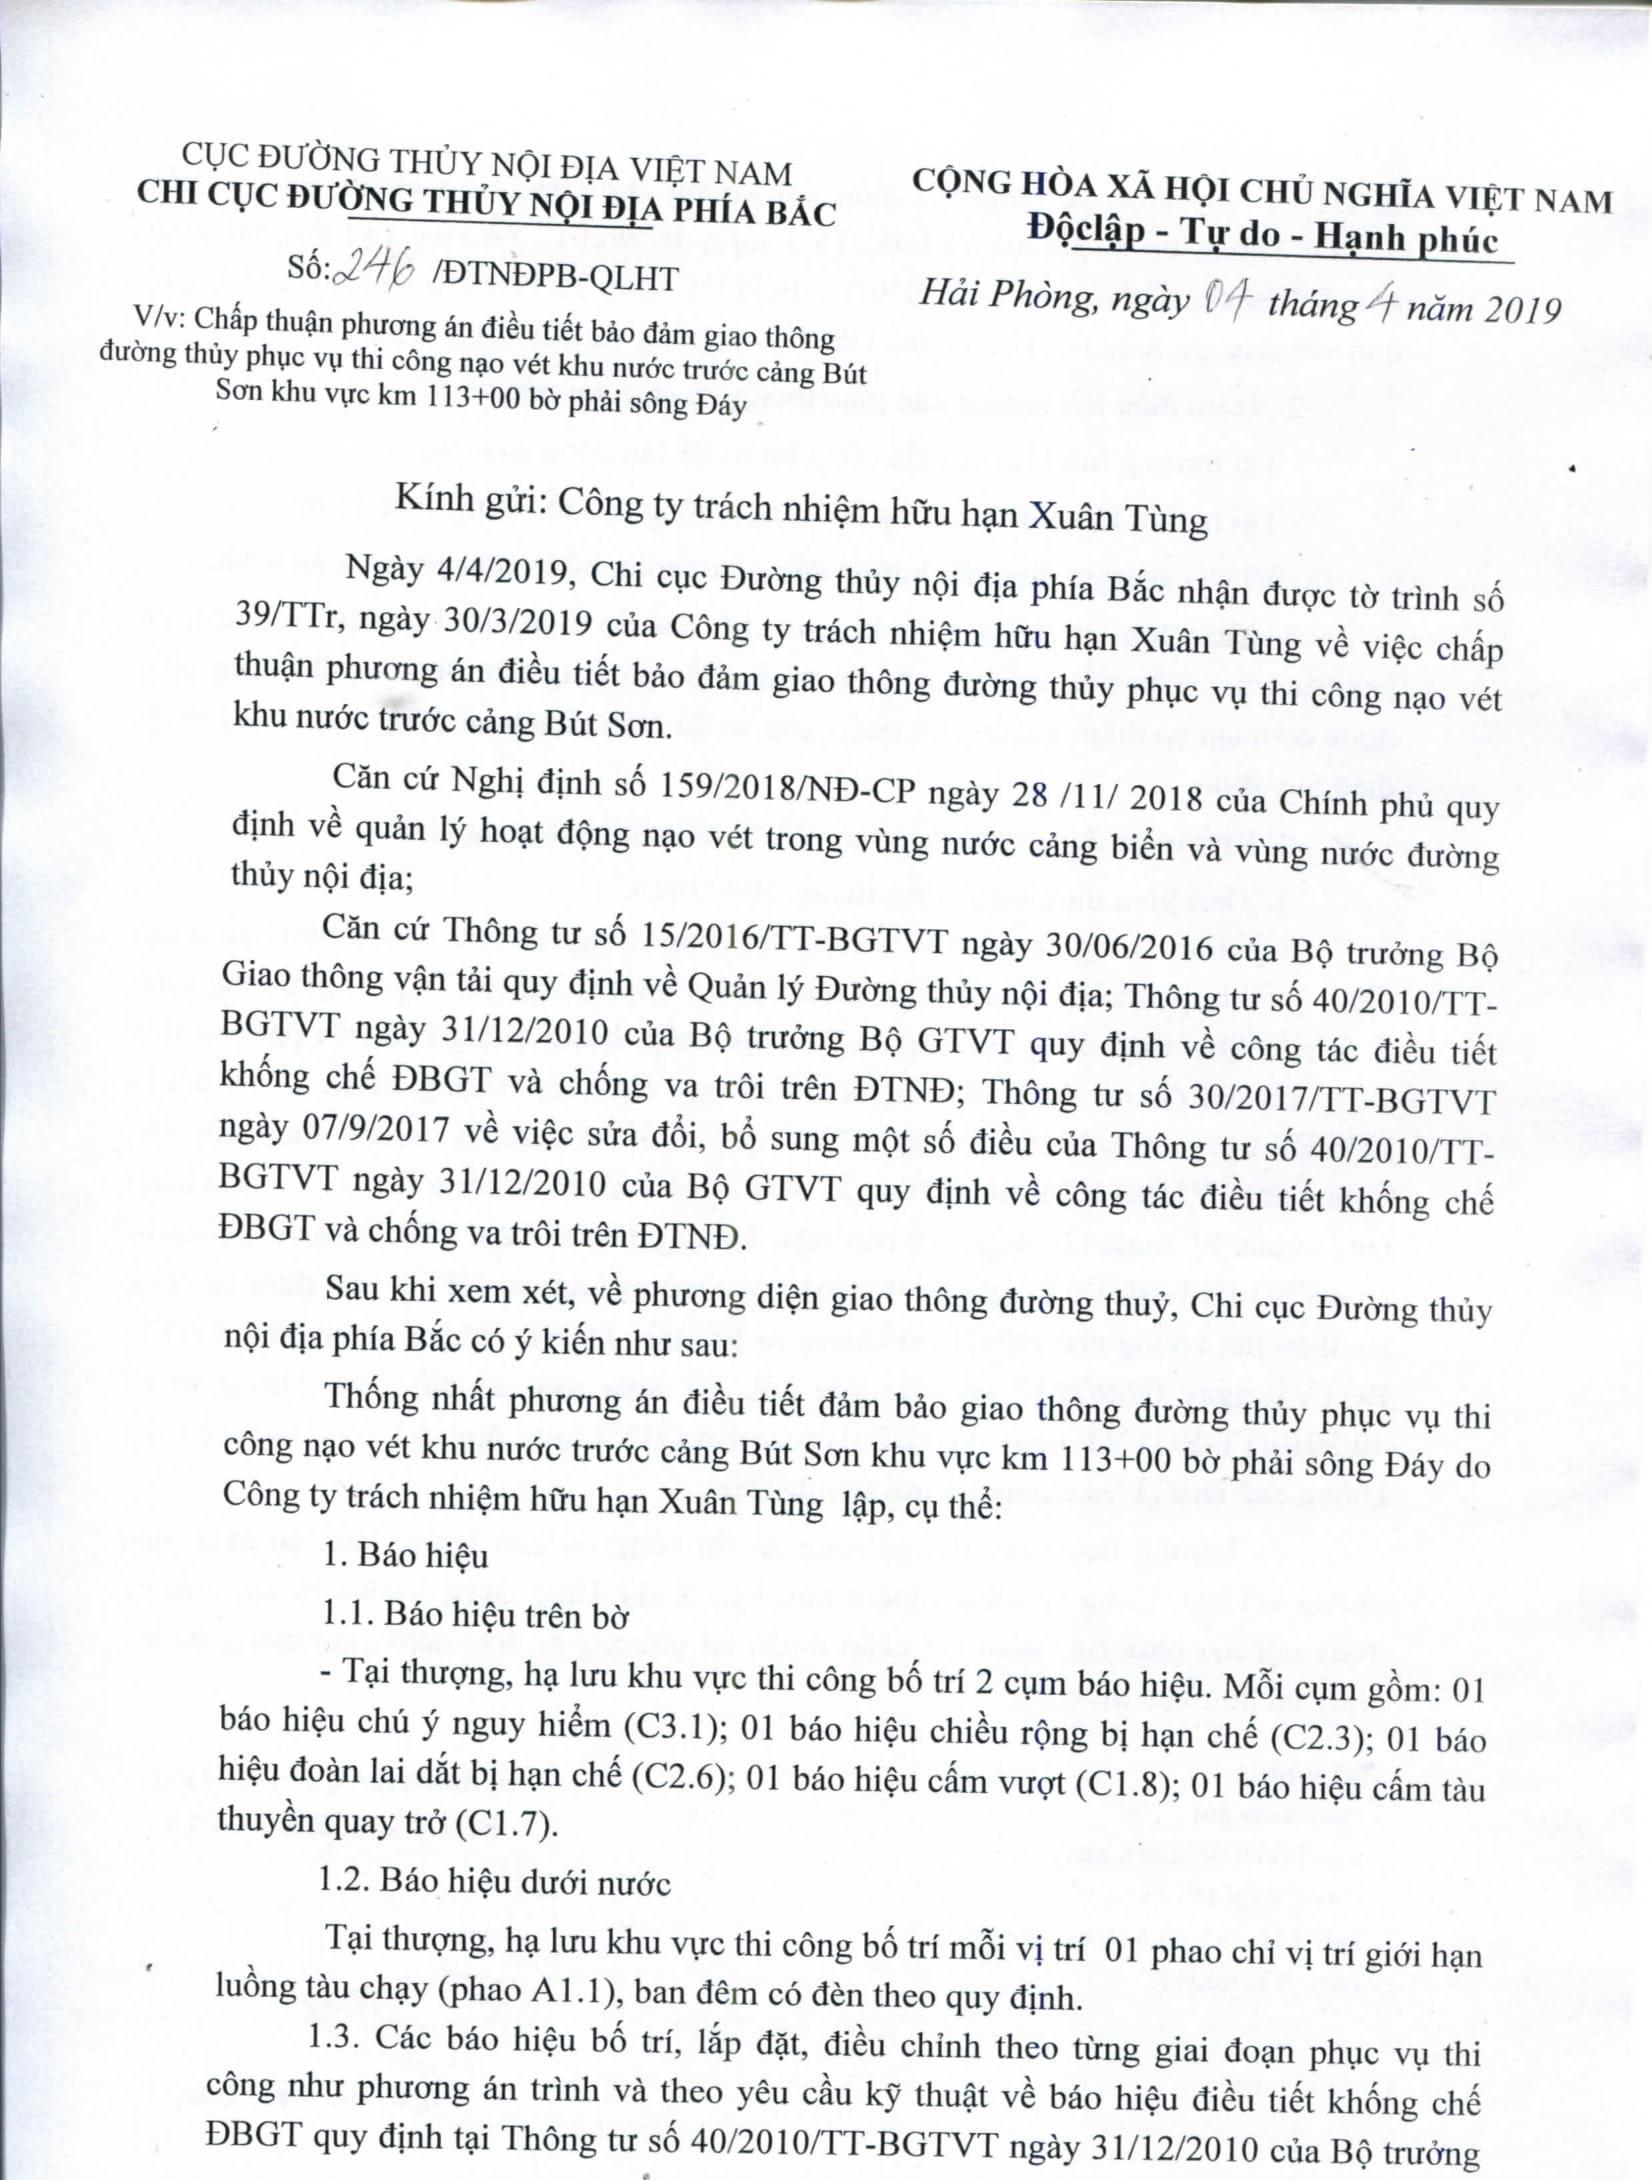 Chấp thuận PA điều tiết bảo đảm GTĐT phục vụ nạo vét khu nước trước cảng Bút Sơn khu vực km 113+000 bờ phải sông Đáy